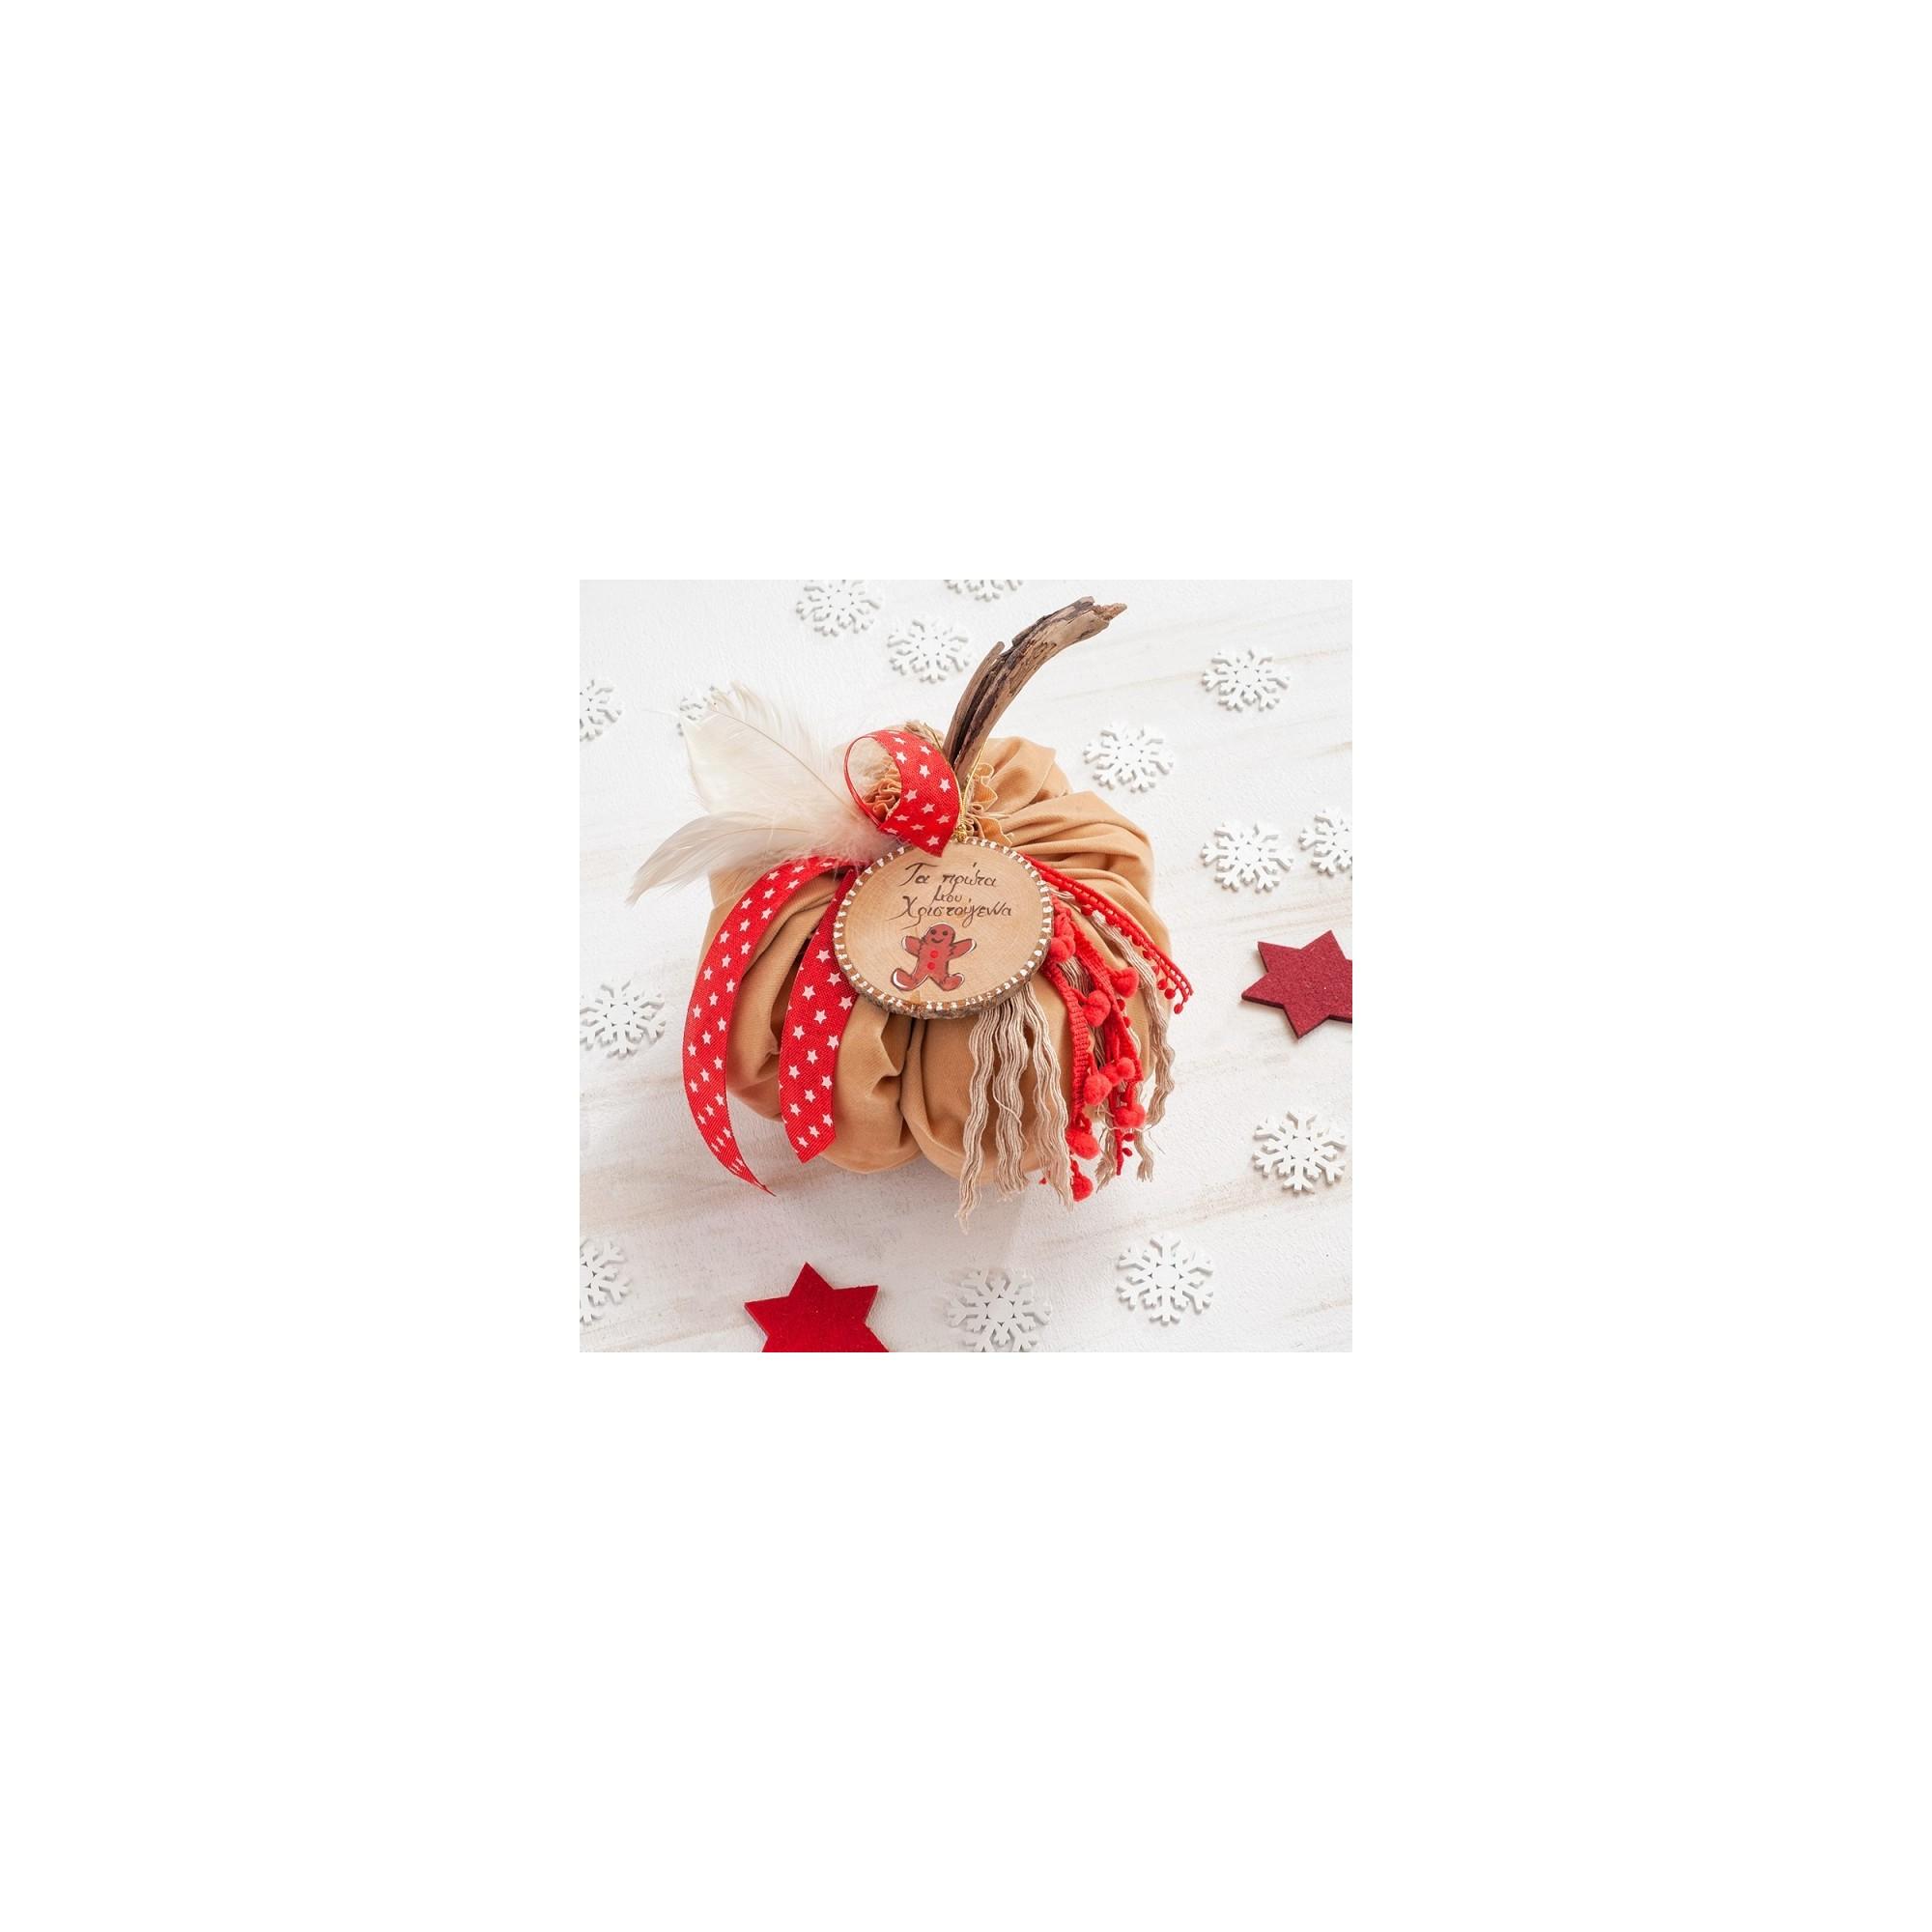 Χριστουγεννιάτικη Διακοσμητική κολοκύθα - PAR-14798